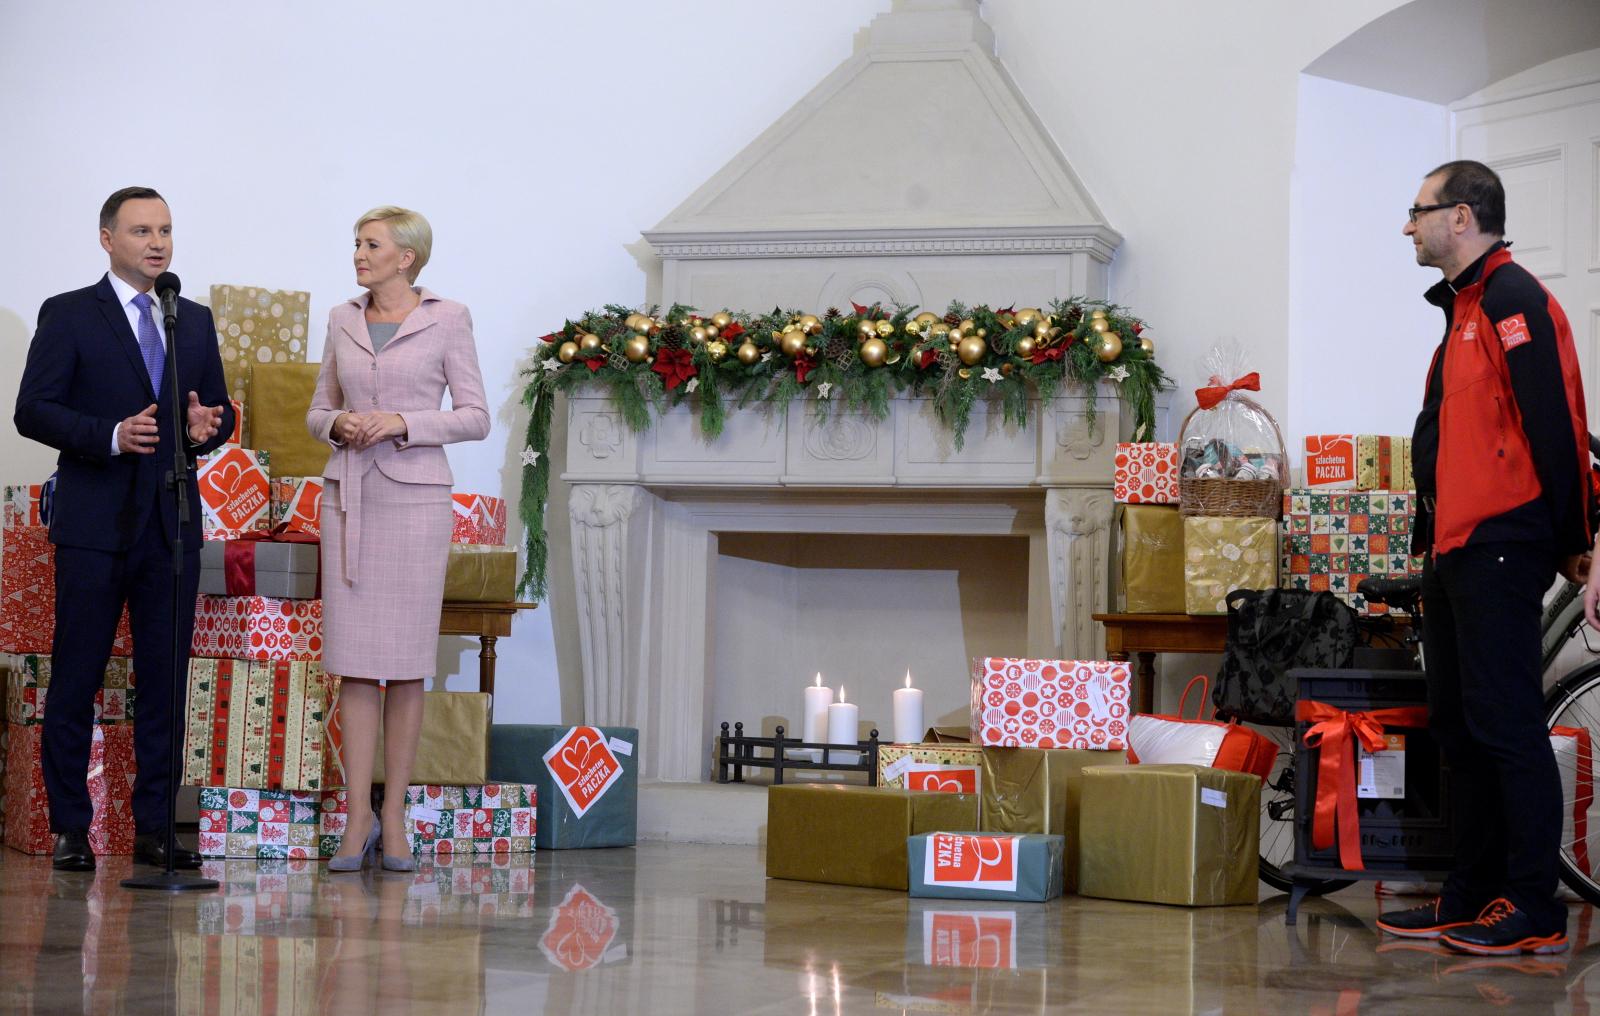 Prezydent Andrzej Duda  z małżonką Agatą Kornhauser-Dudą wzięli udział w przygotowaniu Szlachetnej Paczki. Fot. PAP/Jacek Turczyk